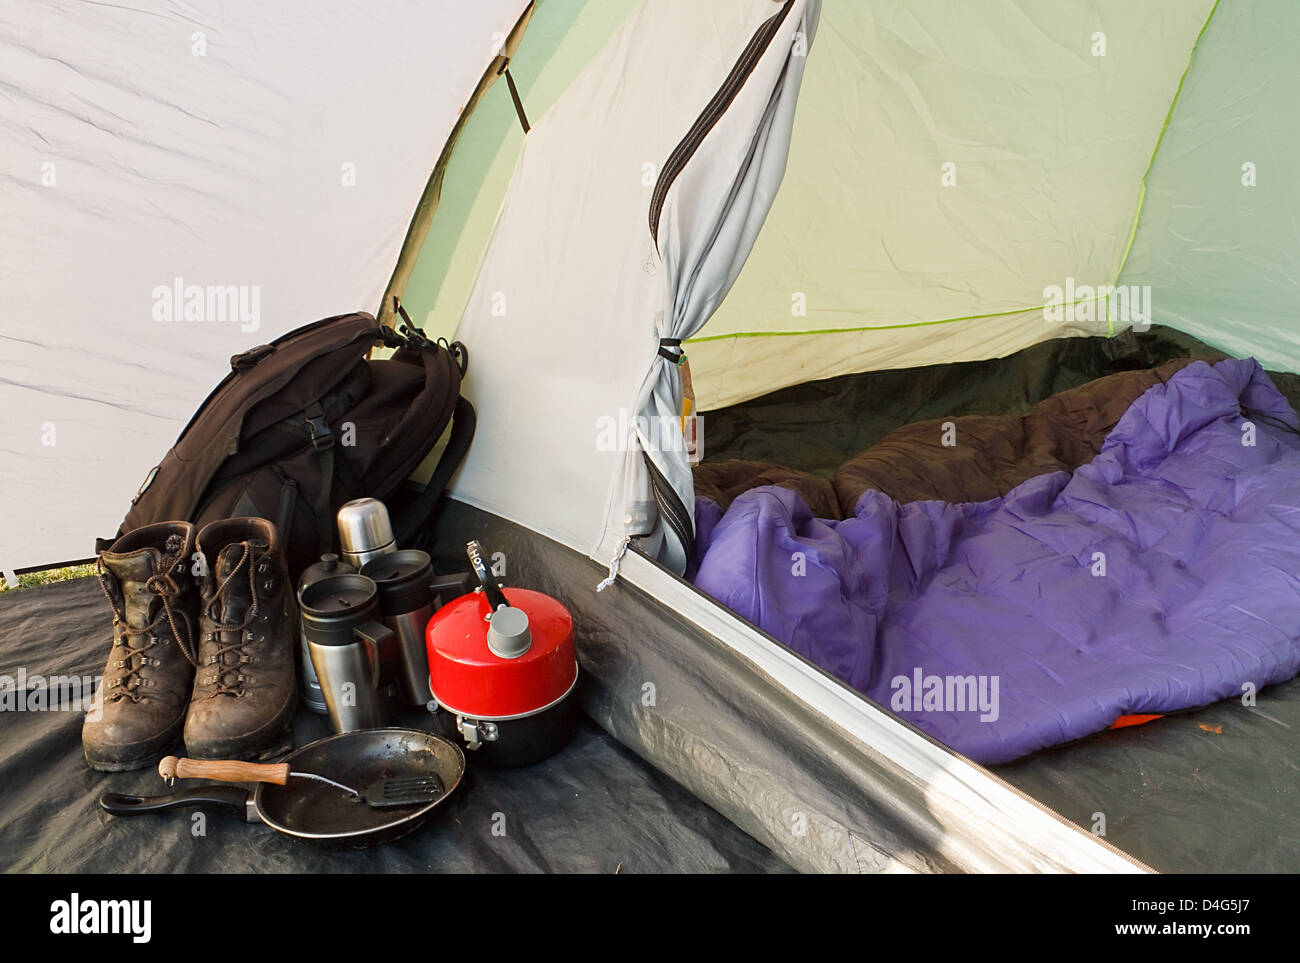 Vue intérieure d'un dôme tente montée pour le camping avec divers équipements et sac de Photo Stock